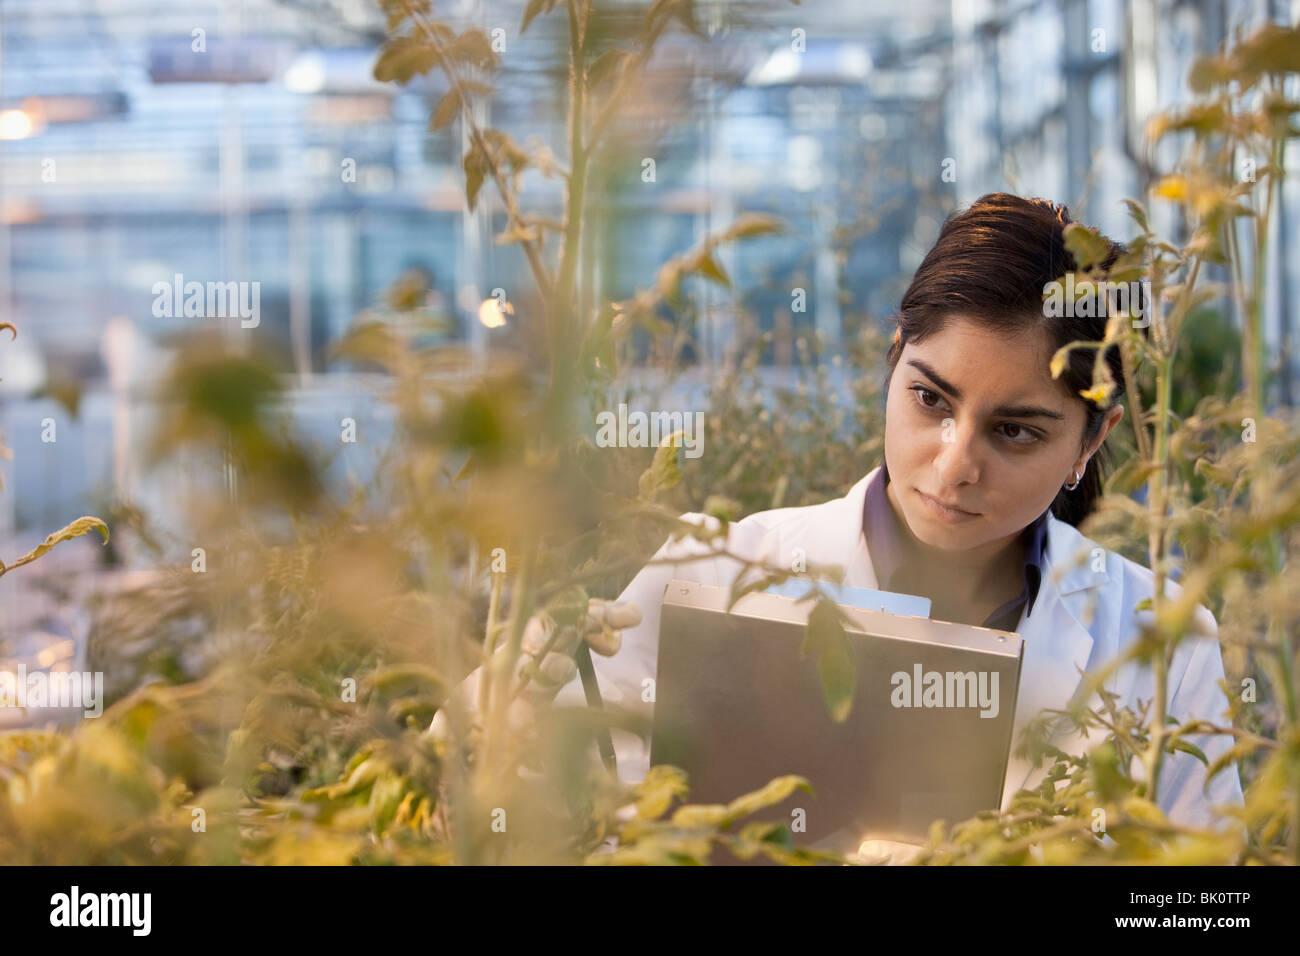 Indische Wissenschaftler arbeiten im Gewächshaus Stockfoto